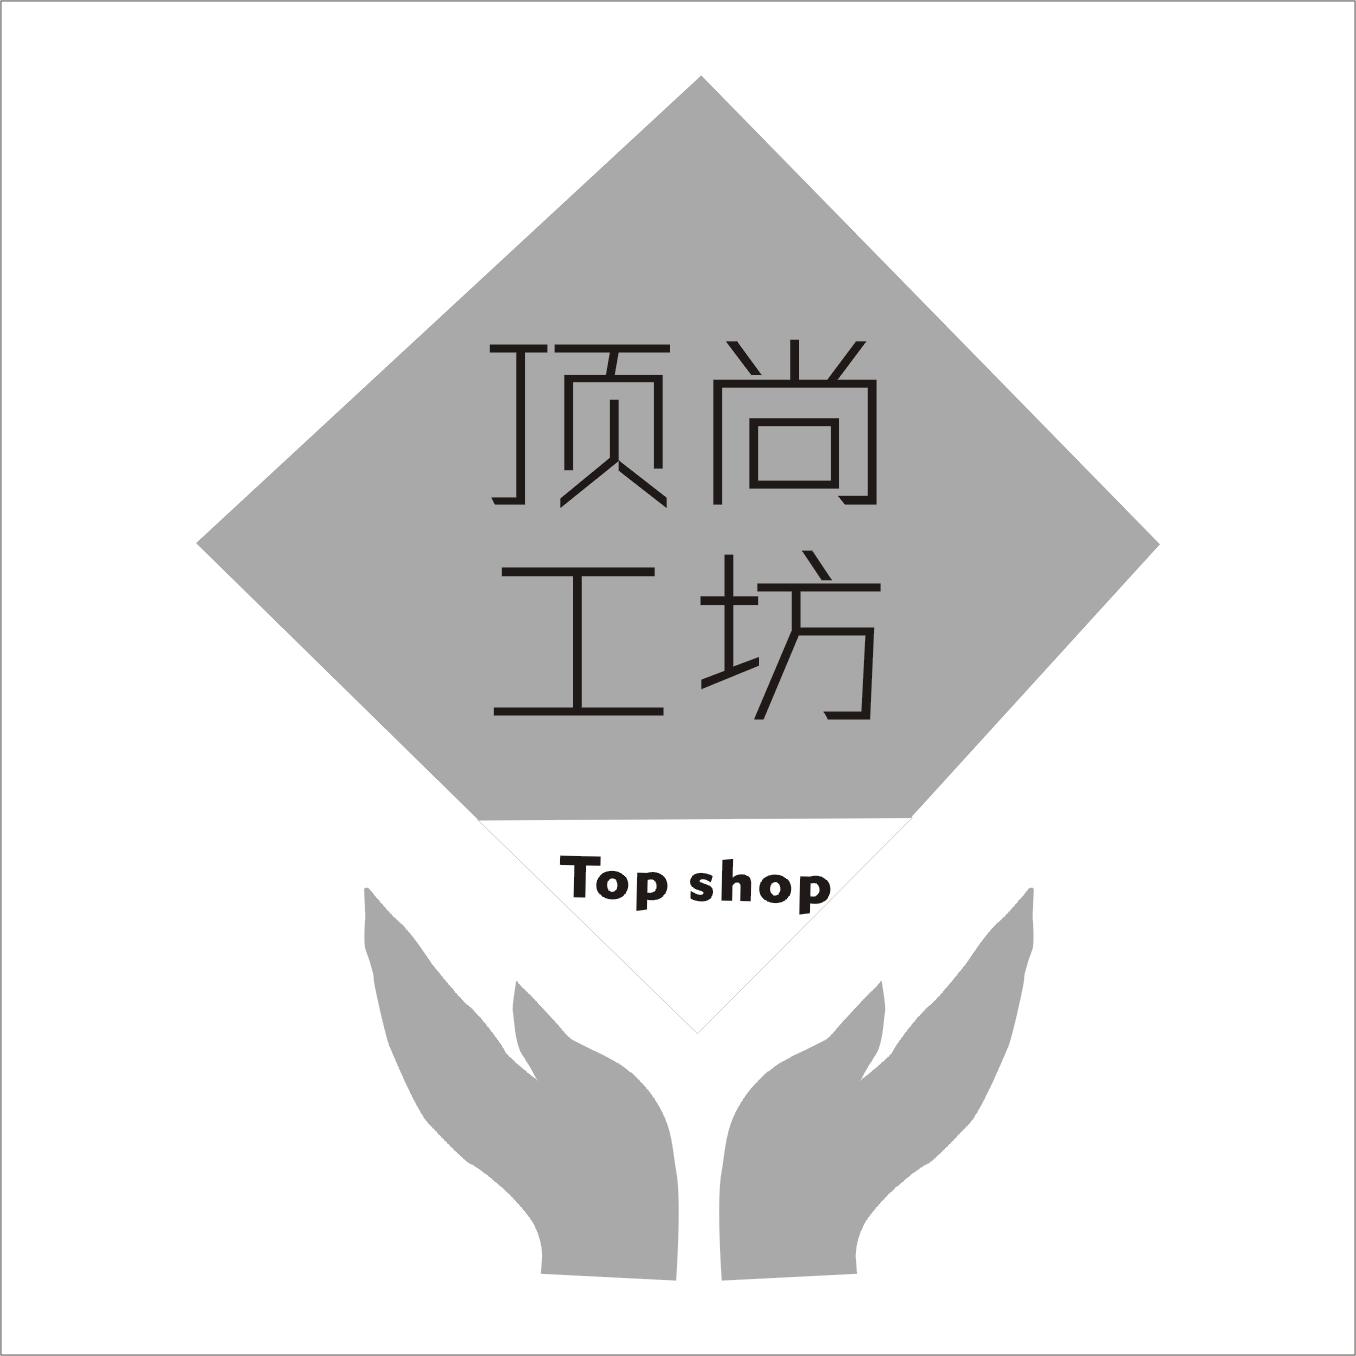 温州市顶尚工坊美发店招聘-招聘-138job上海美容人才图片